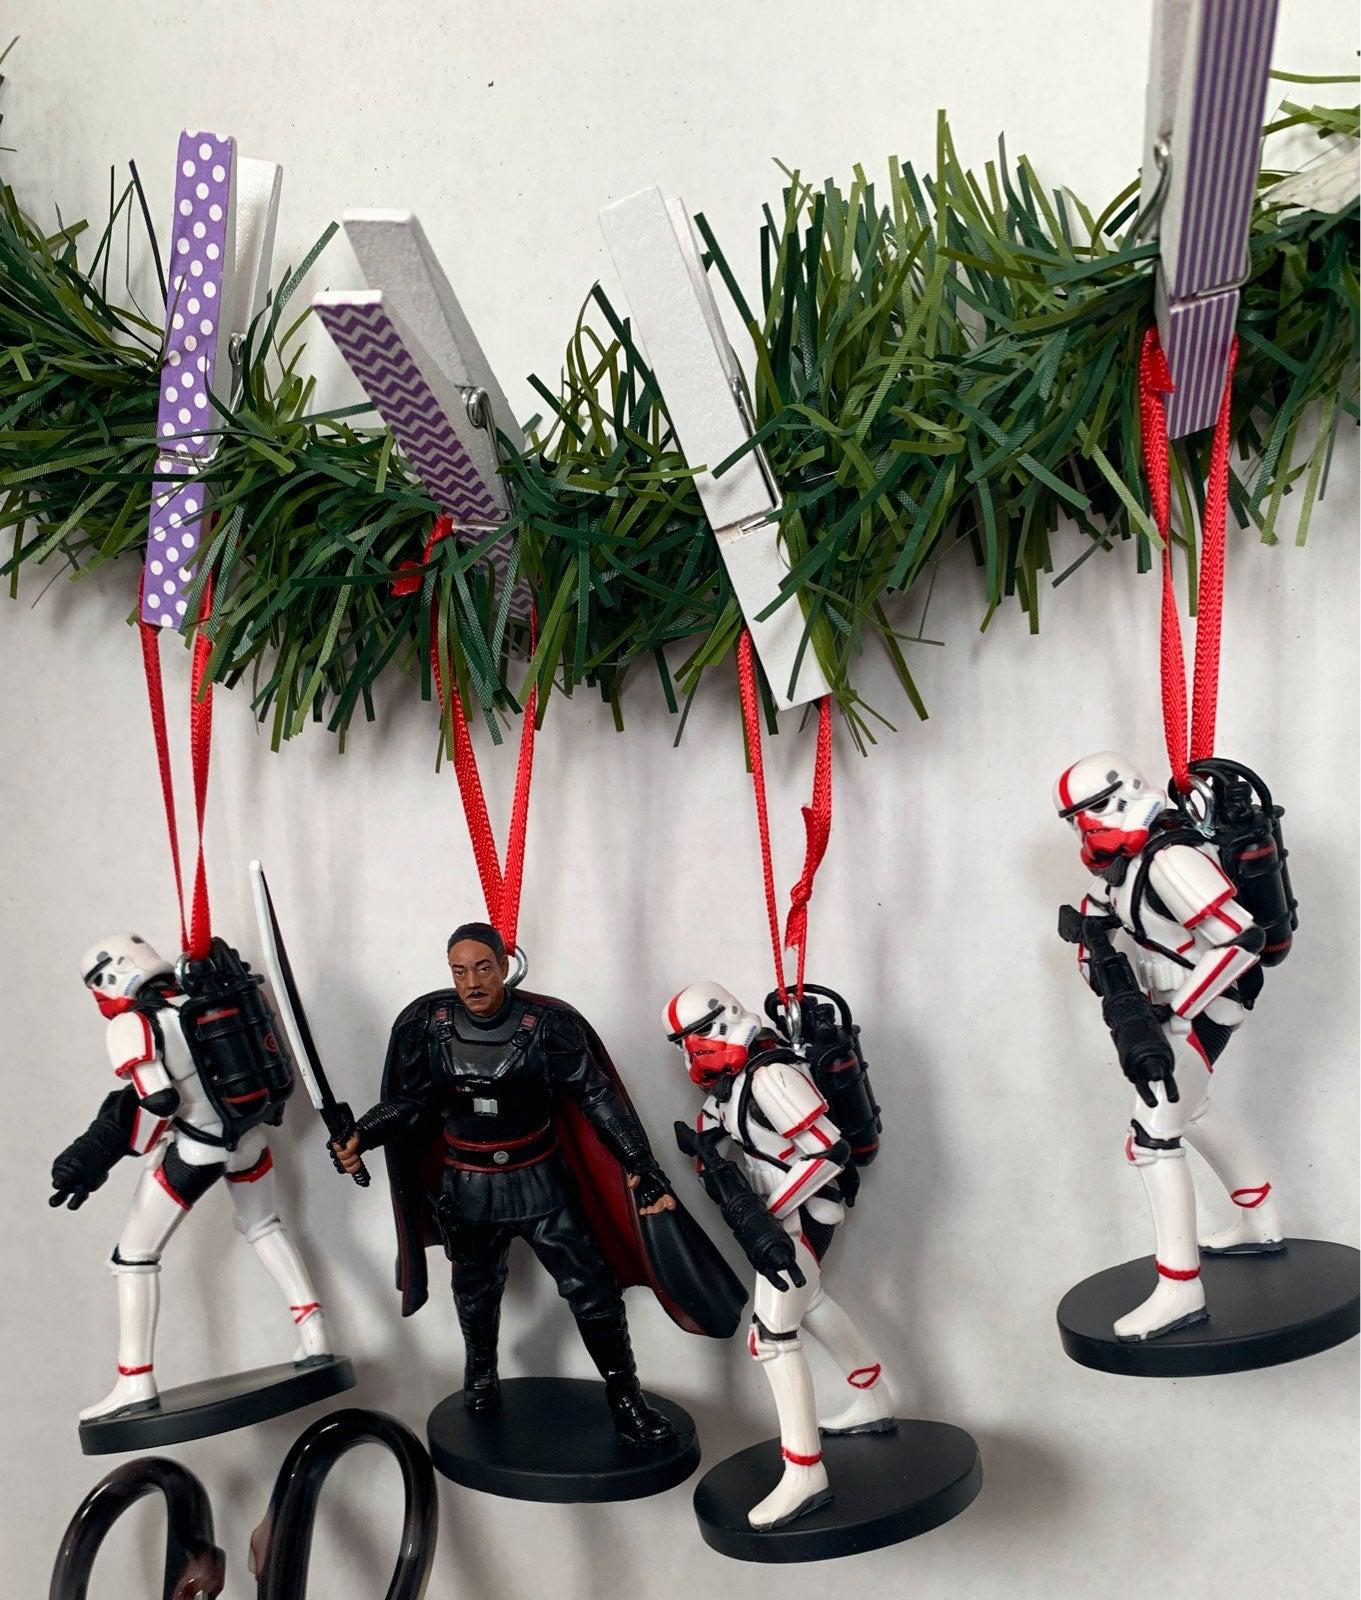 Star Wars Storm trooper ornaments